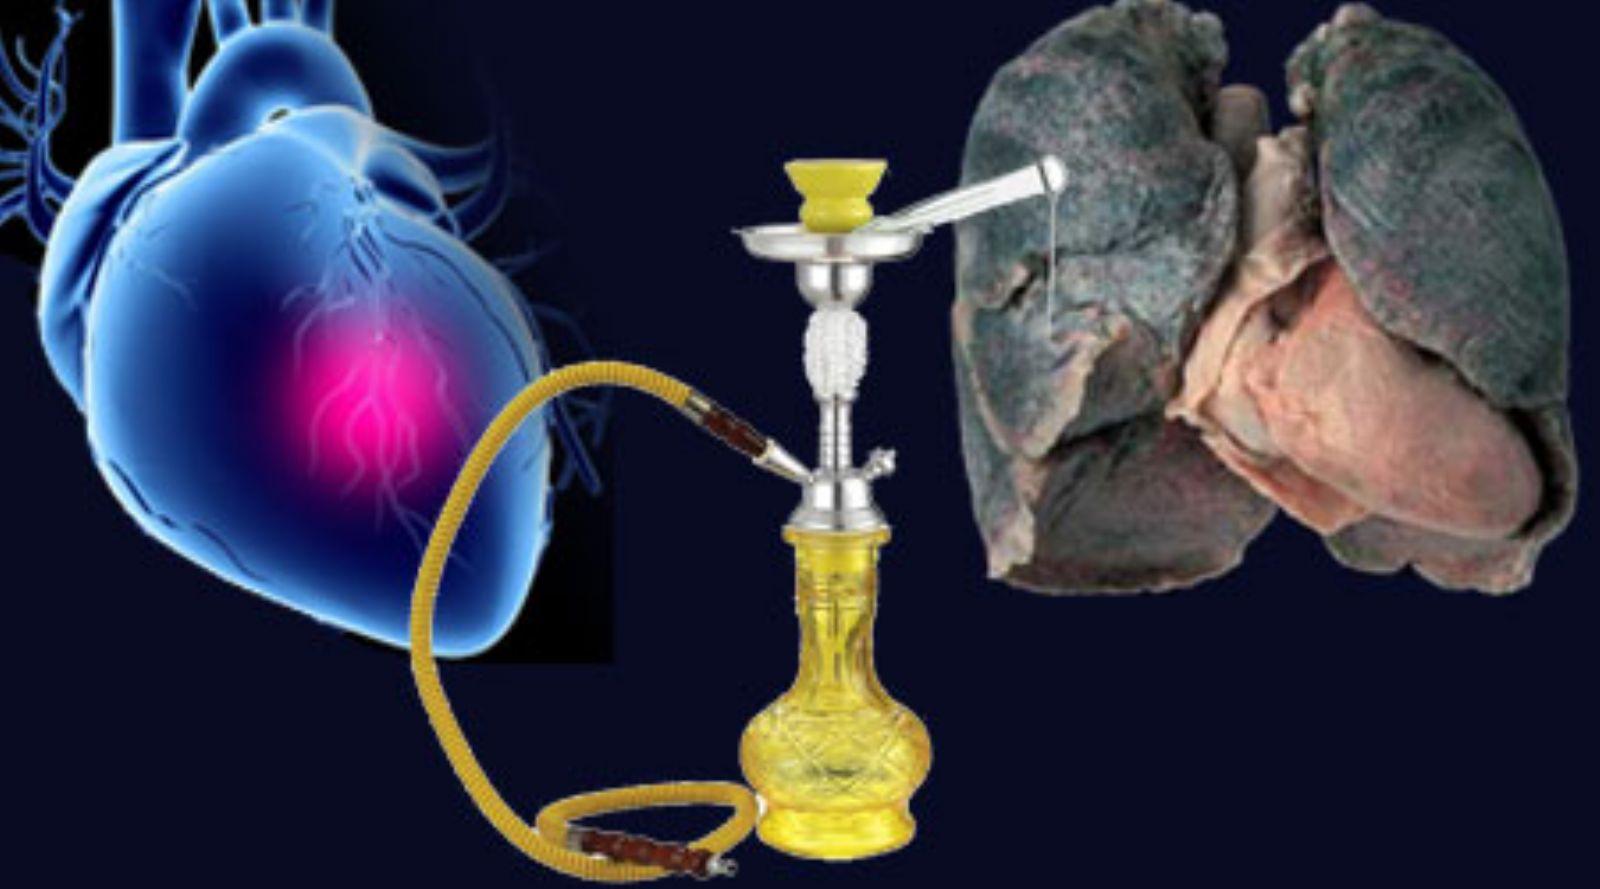 صور اضرار المعسل , تعرف على اخطار دخان المعسل